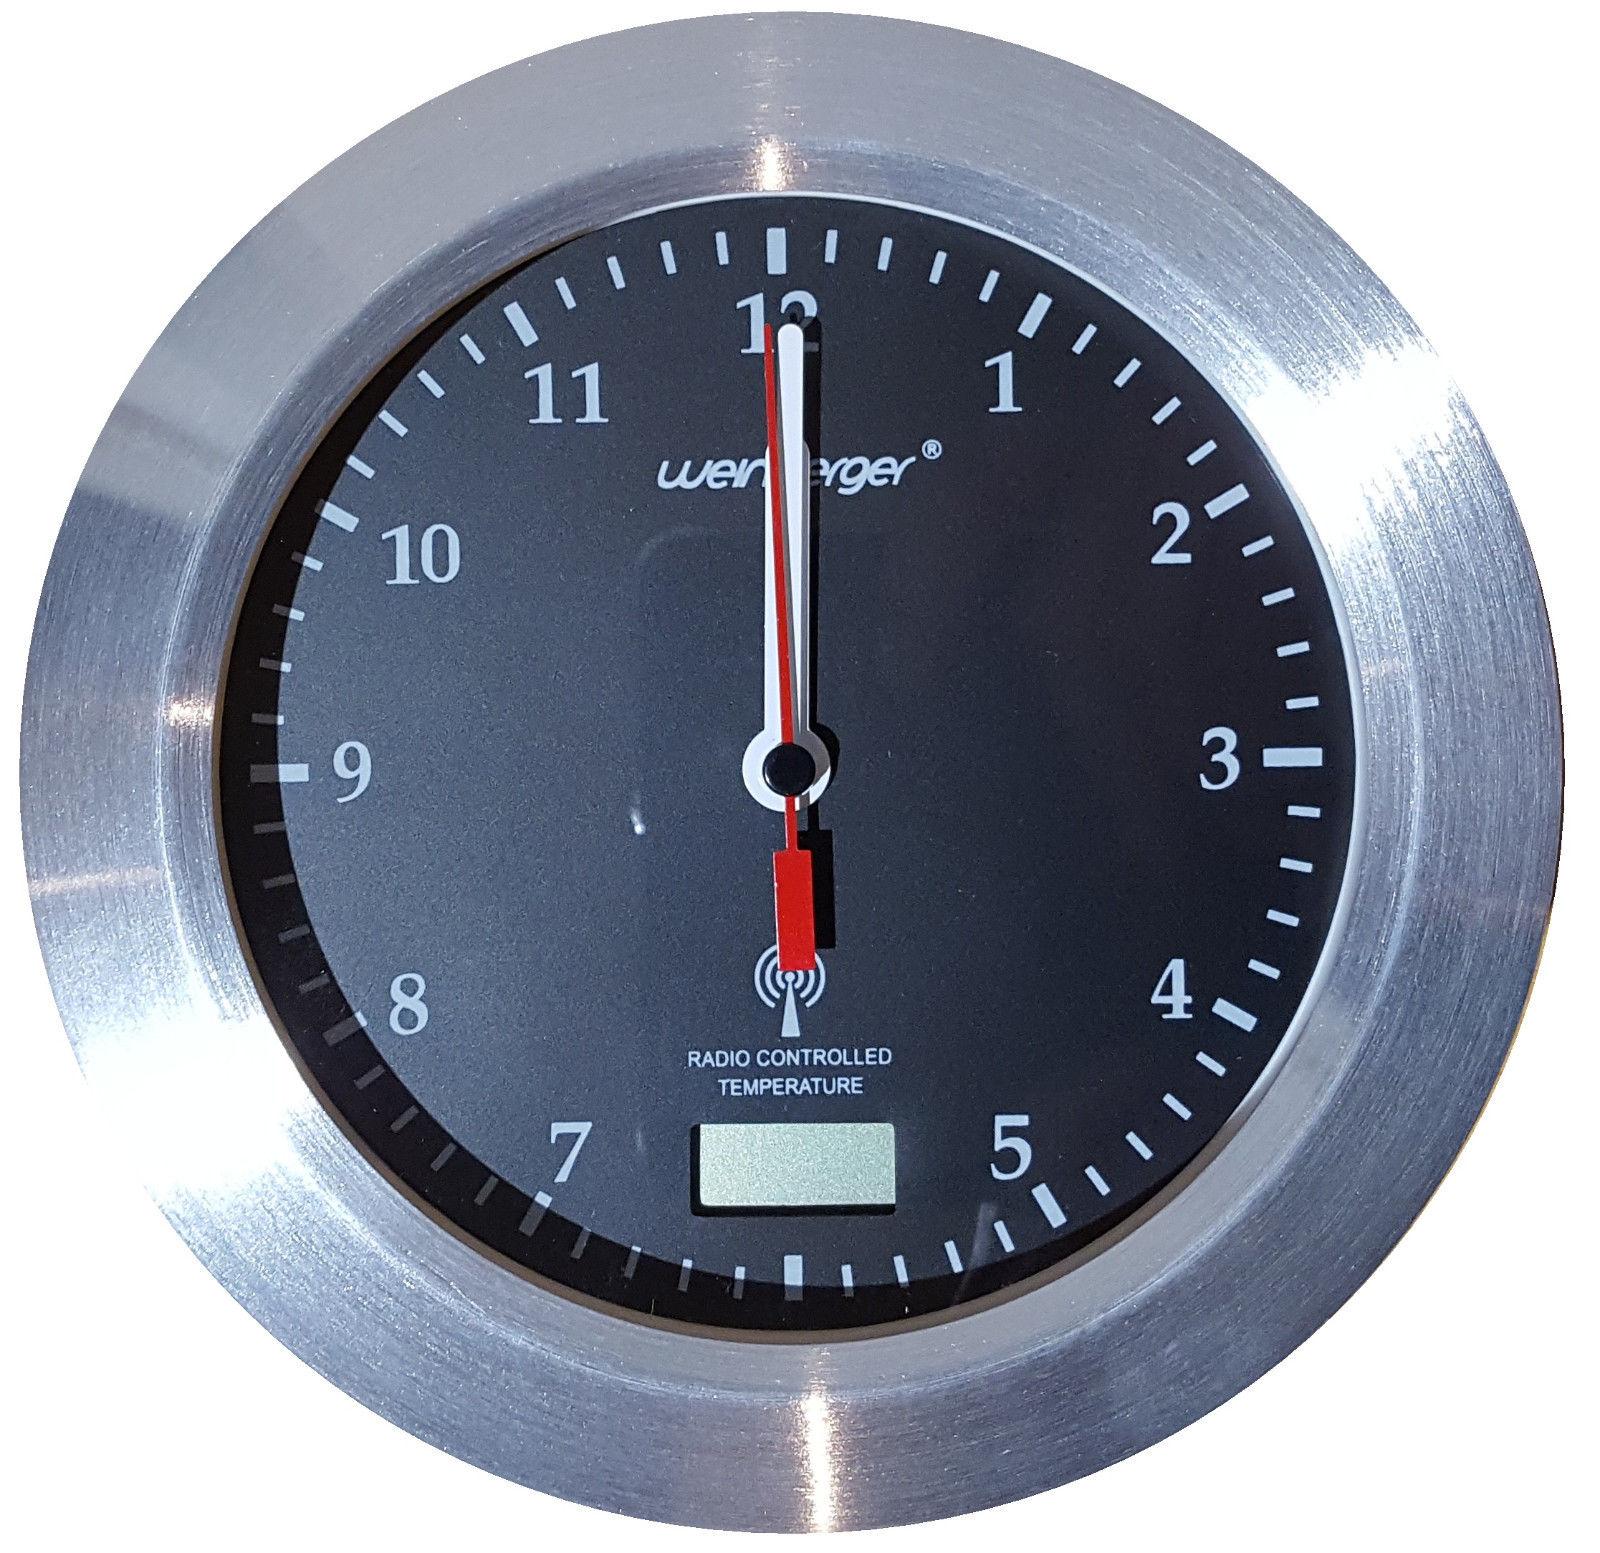 385 Moderner Mebus Funk Wanduhr Badezimmer Uhr 17 Cm Schwarz Ab An Die Wand